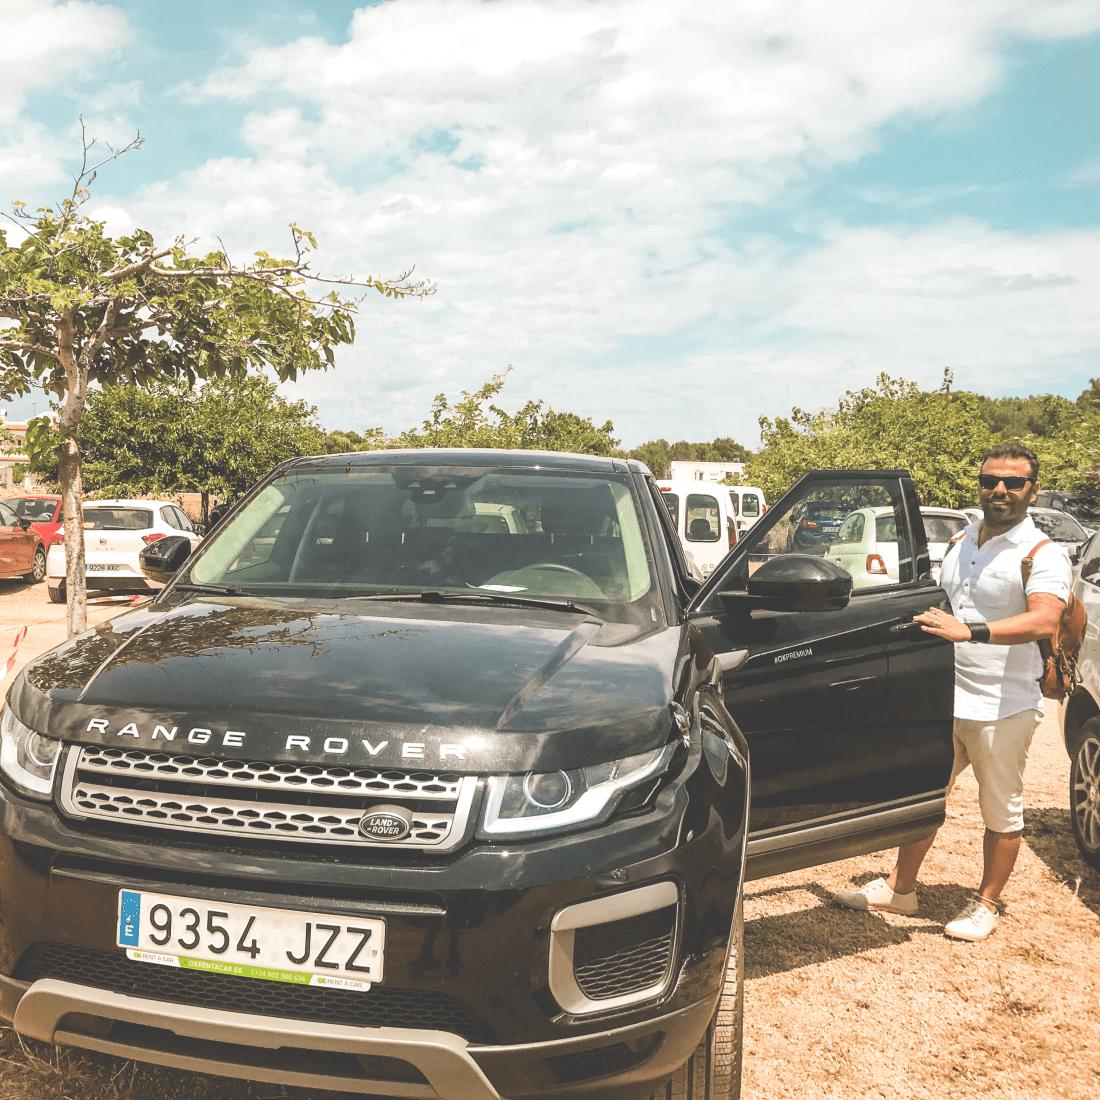 cover-noleggiare-un'auto a Ibiza senza carta di credito